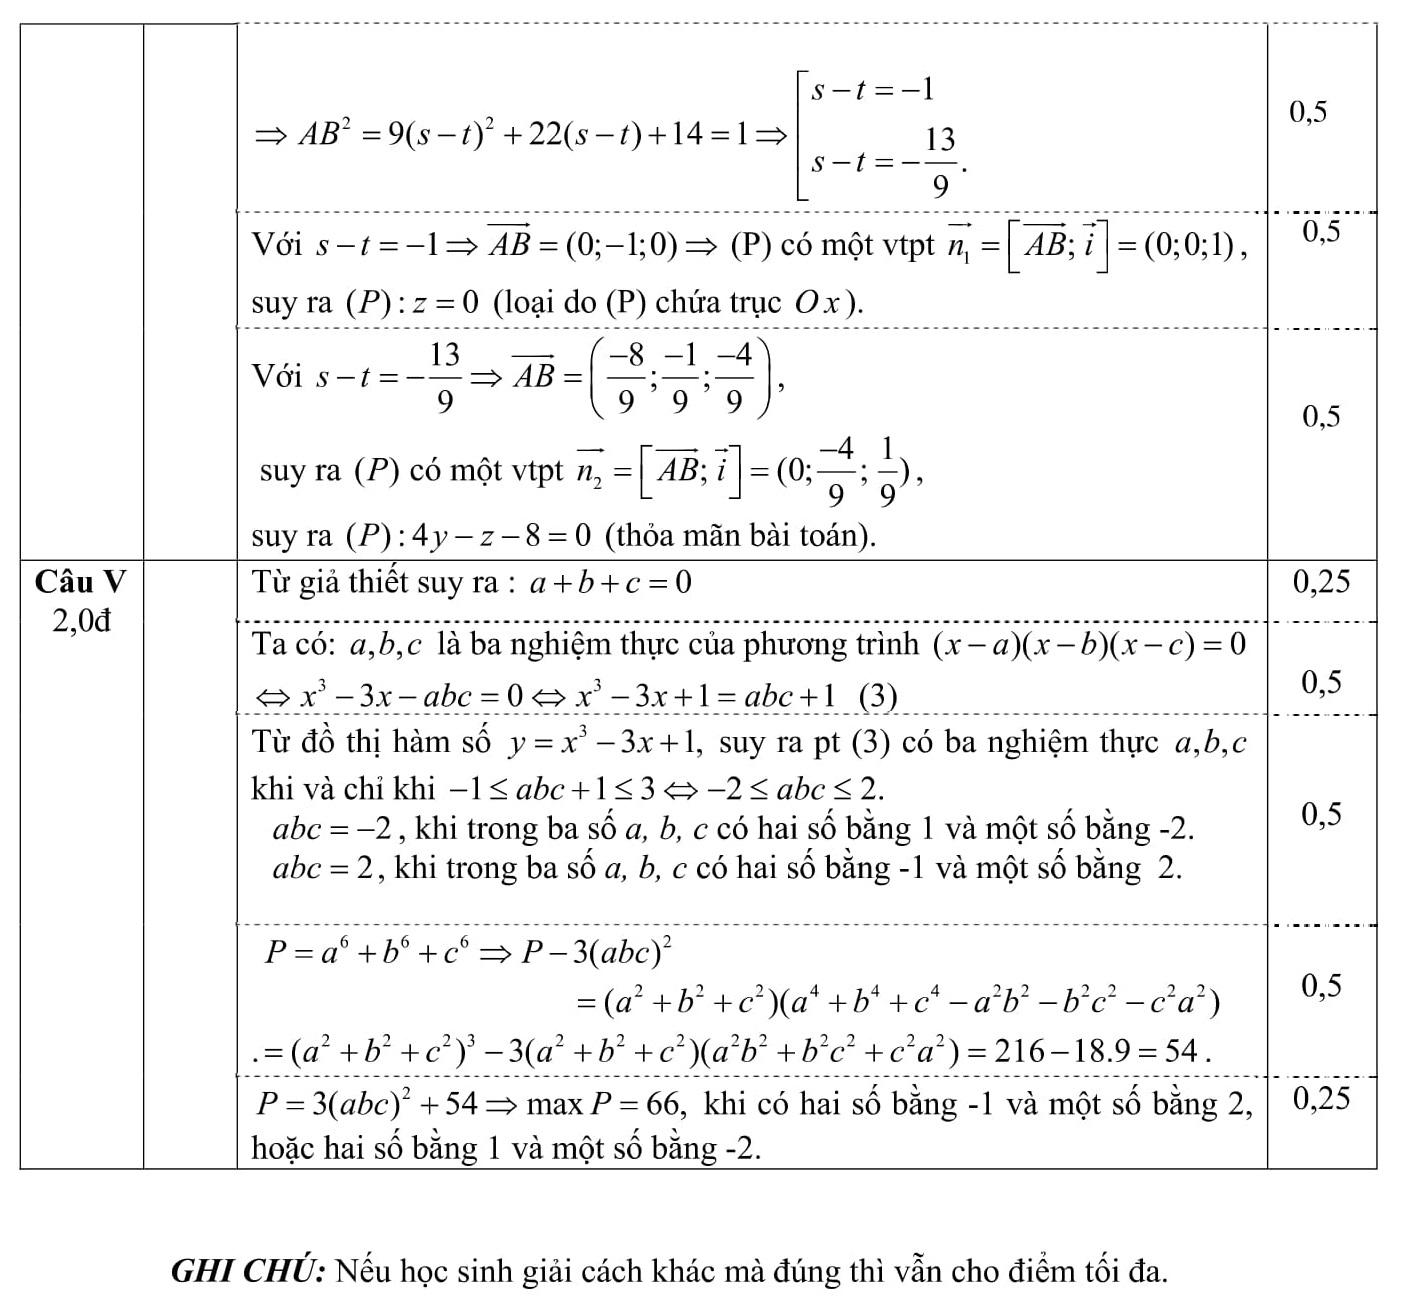 Đáp án và đề thi HSG Toán 12 sở GD&ĐT Thanh Hóa 2010-2011